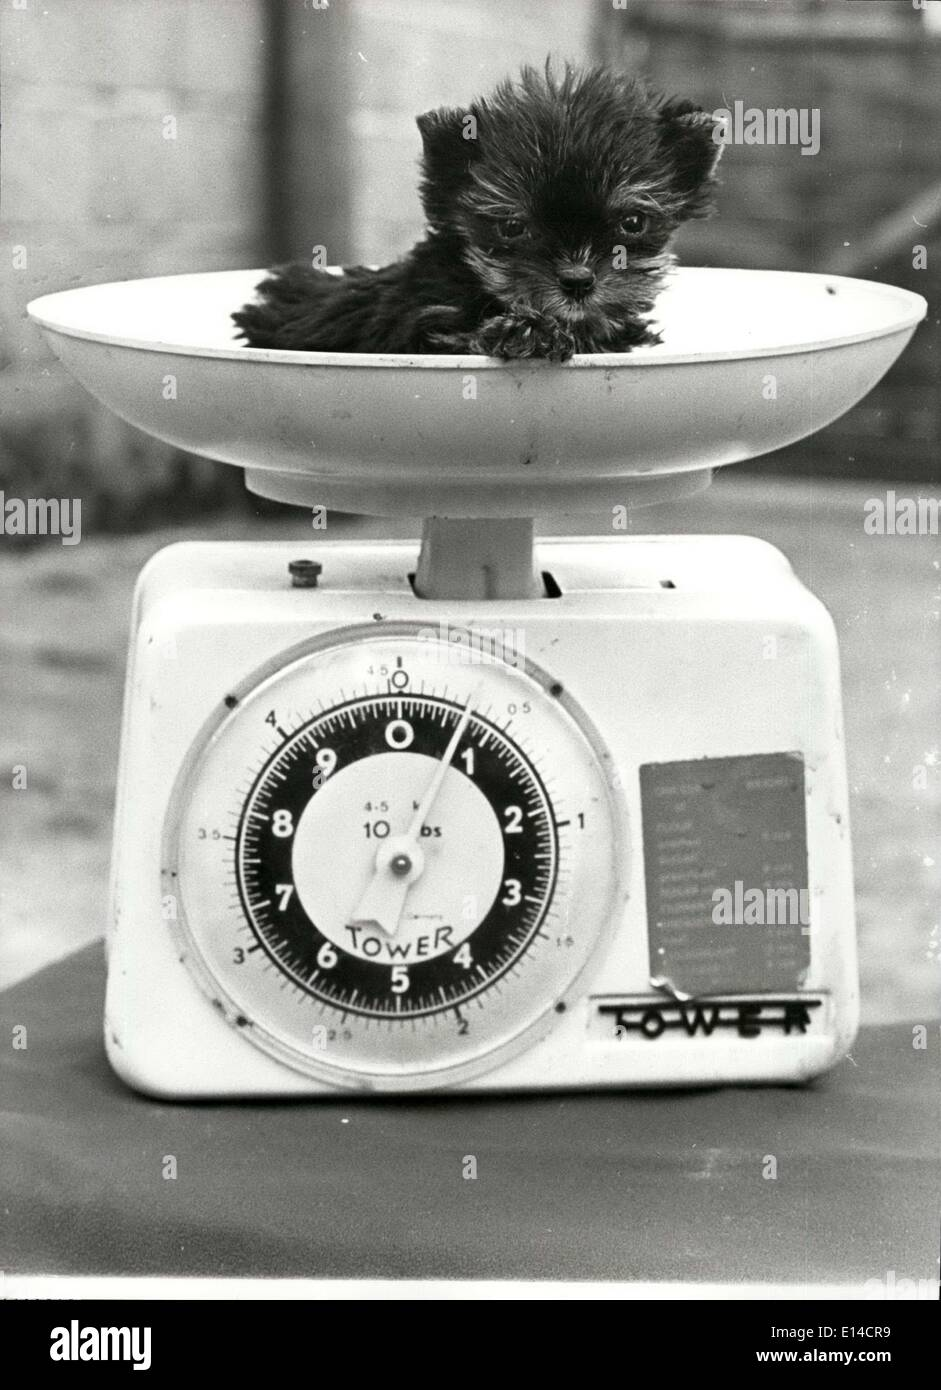 17. April 2012 - treffen '' Titch'' The Yorkshire-Terrier, kam in die Welt mit einem Gewicht von nur drei Viertel der Unze: '' Titch'', der Yorkshire-Terrier in die Welt gekommen vor - mit einem Gewicht von nur etwa drei Viertel der Unze zehn Wochen. Die Chancen gegen die Welpen überleben waren enorm - aber Titch ist ein echter Kämpfer und begann zu essen und Essen, und jetzt die Waage bei neun Unzen Tipps. Ihr Besitzer, Riss Züchter, Gladys De Silva, von Newton Abbot, hat aber gesagt, dass Titch nicht viel größer, dass es möglich ist, dass sie bis zu einem Pfund bekommen könnte, denn ihre Gesichtszüge zu klein sind, um viel mehr wachsen Stockbild